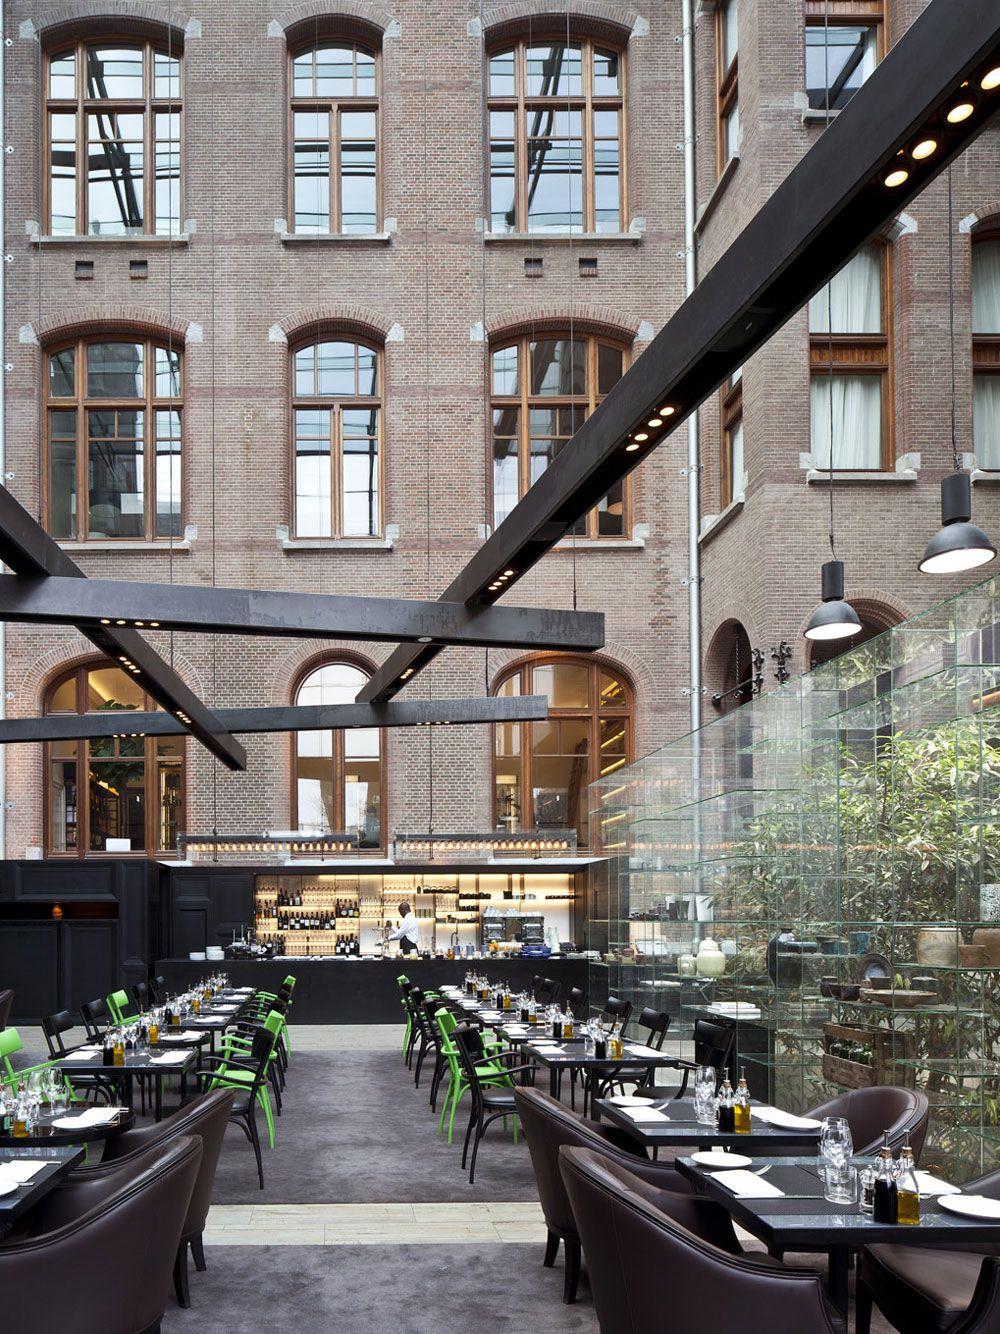 Conservatorium hotel amsterdam netherlands piero lissoni for Design hotel niederlande